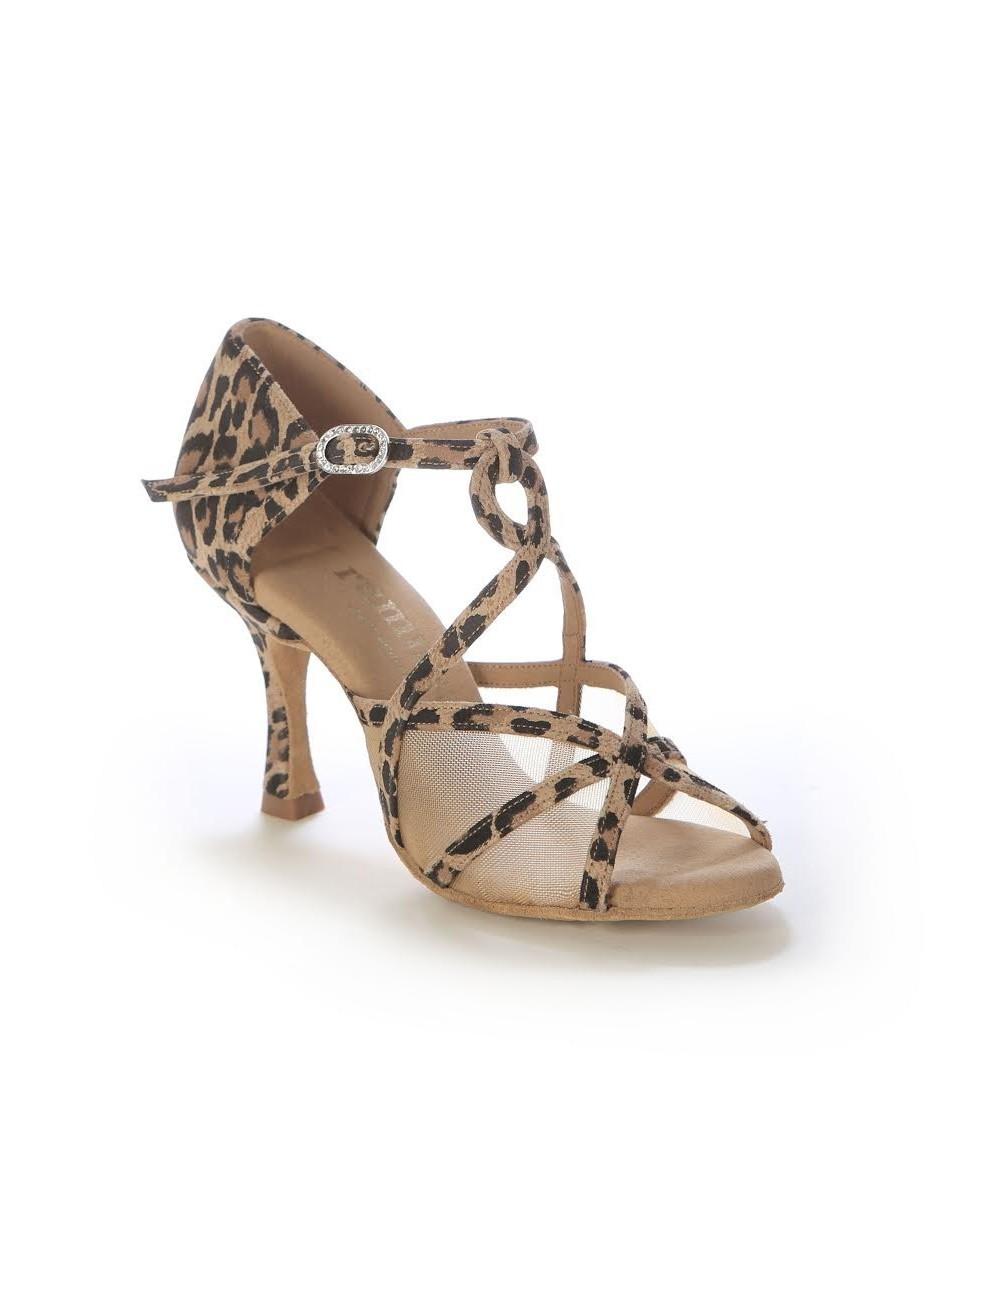 Boutique en ligne 90a51 29e28 ZAPATOS DE SALSA ESTAMPADO LEOPARDO Zapatos de baile de calidad